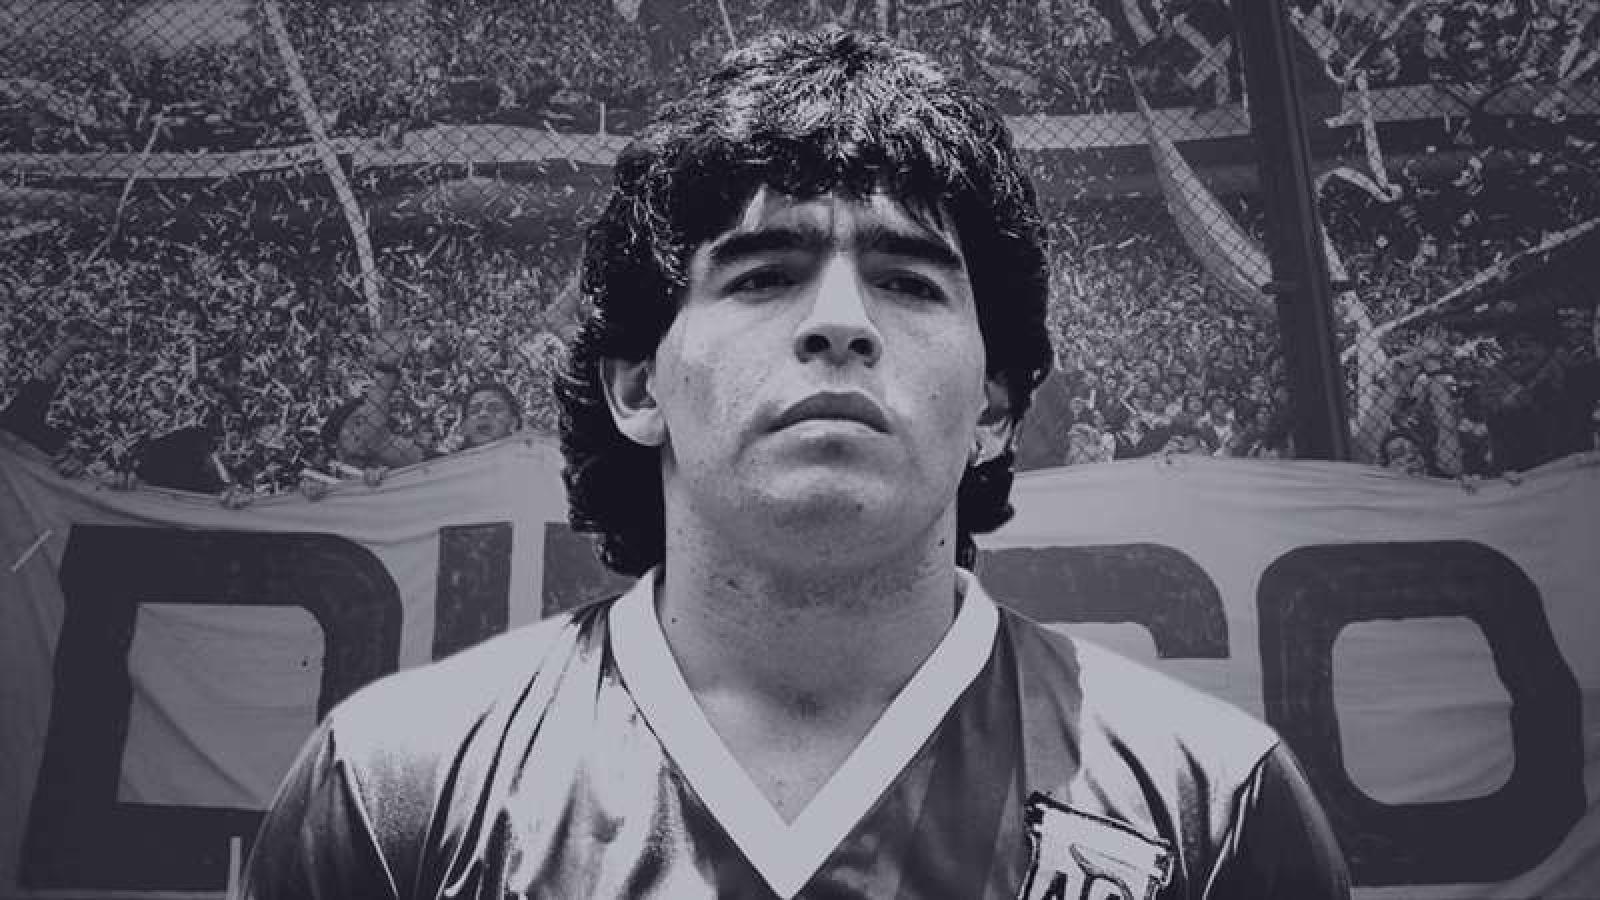 Huyền thoại bóng đá Maradona qua đời: Pele, Ronaldo và Messi gửi lời chia buồn